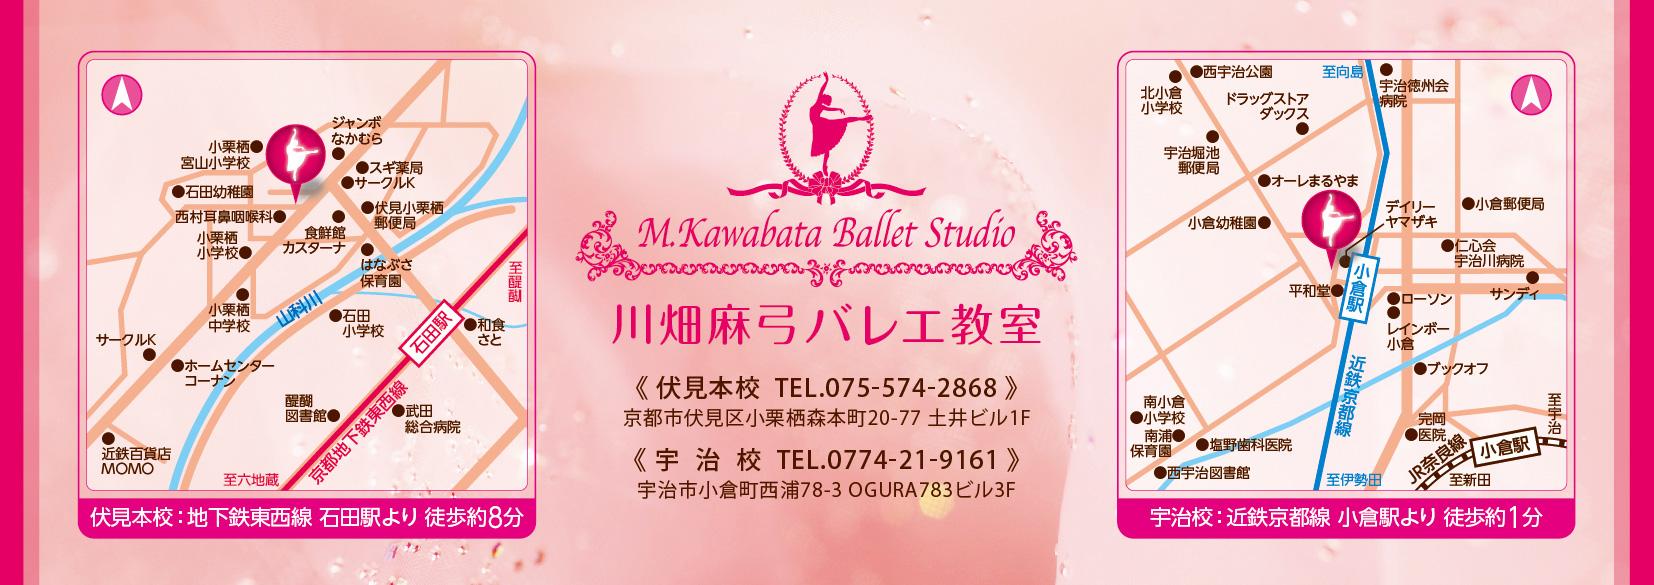 川畑麻弓バレエ教室 リーフレット 裏表紙 スタジオ案内